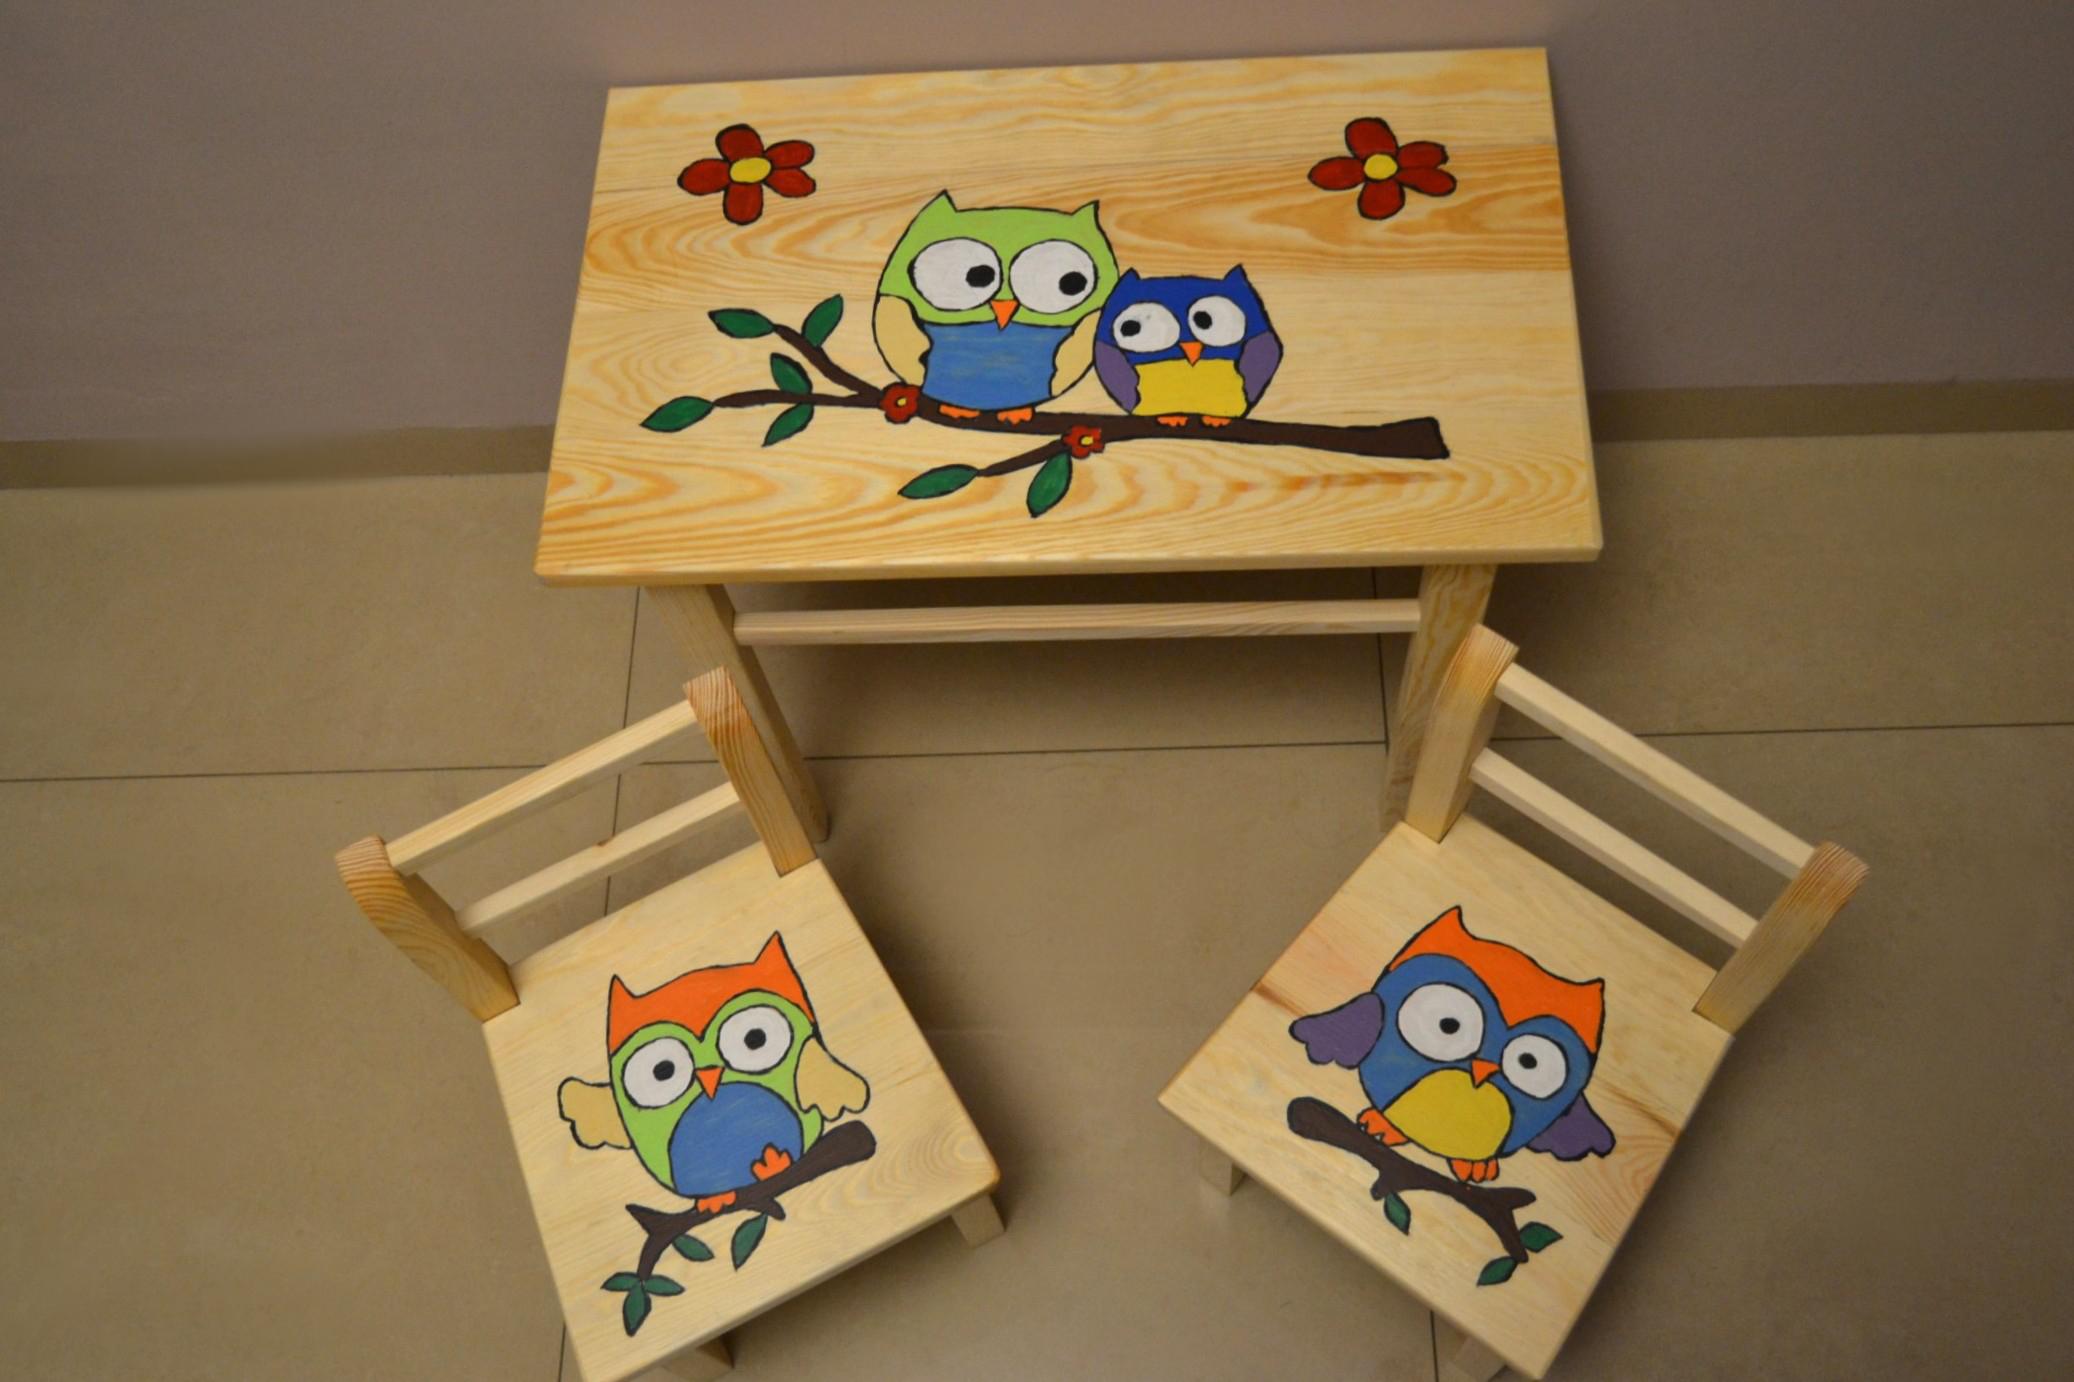 sitzgruppe f r kinderzimmer tisch 2 st hle kinder m bel ko lackiert kiefer ebay. Black Bedroom Furniture Sets. Home Design Ideas